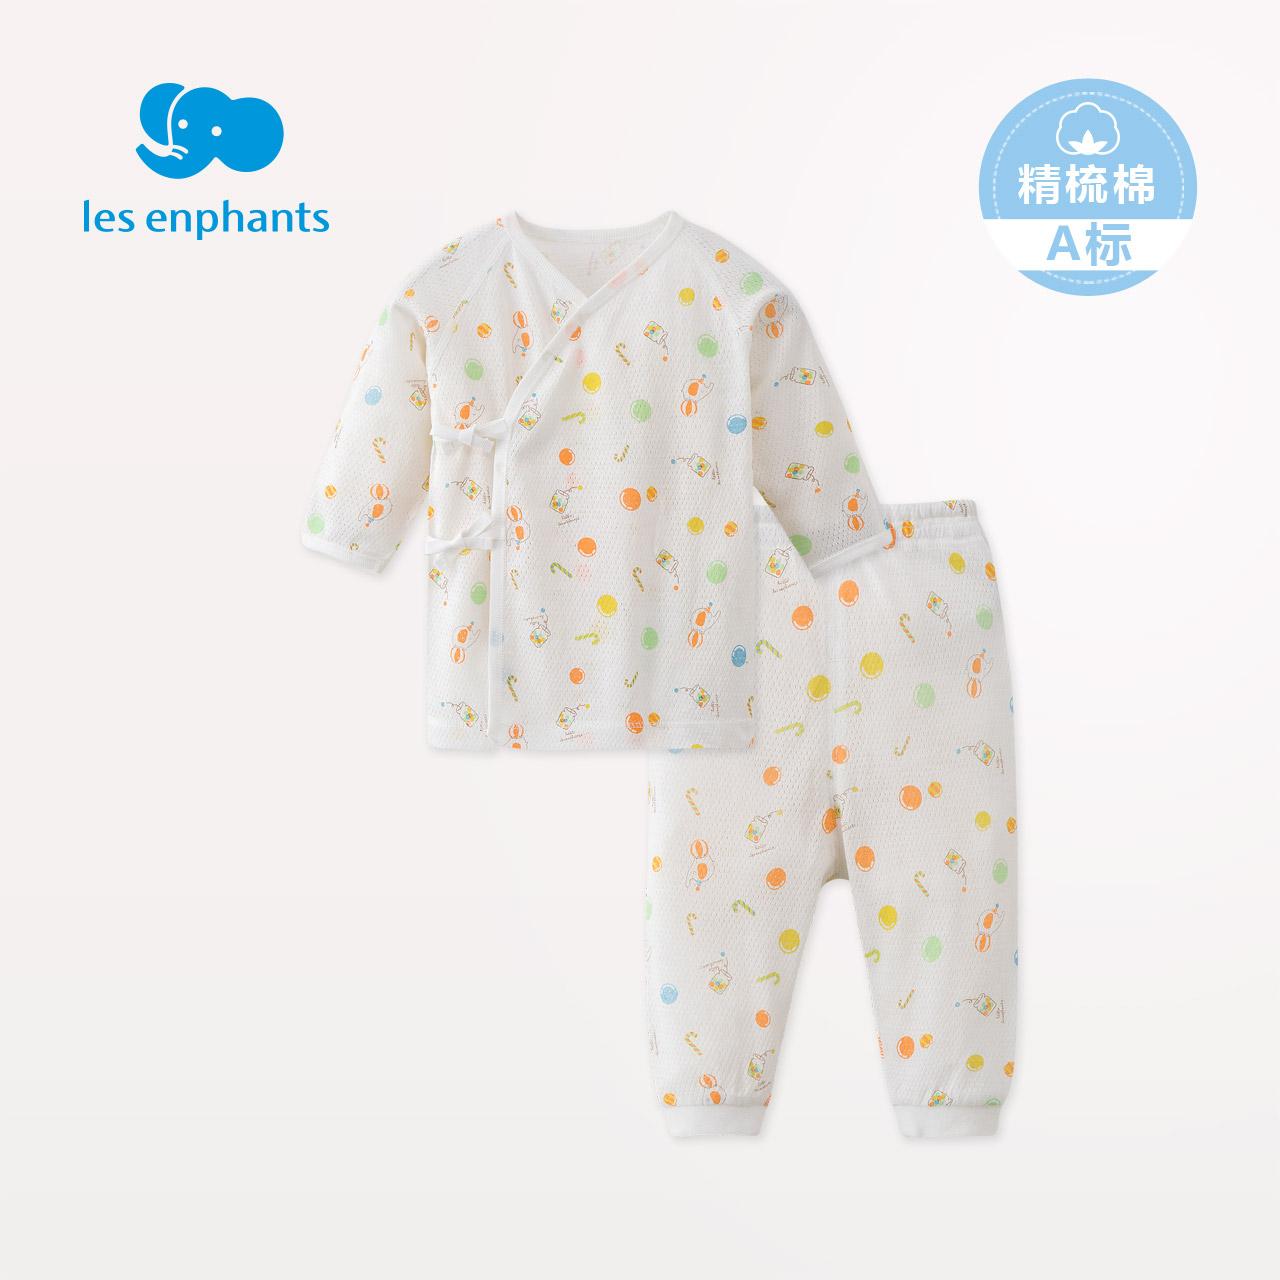 丽婴房婴儿衣服生儿纯棉内衣套装男女宝宝夏季薄款内衣2018款